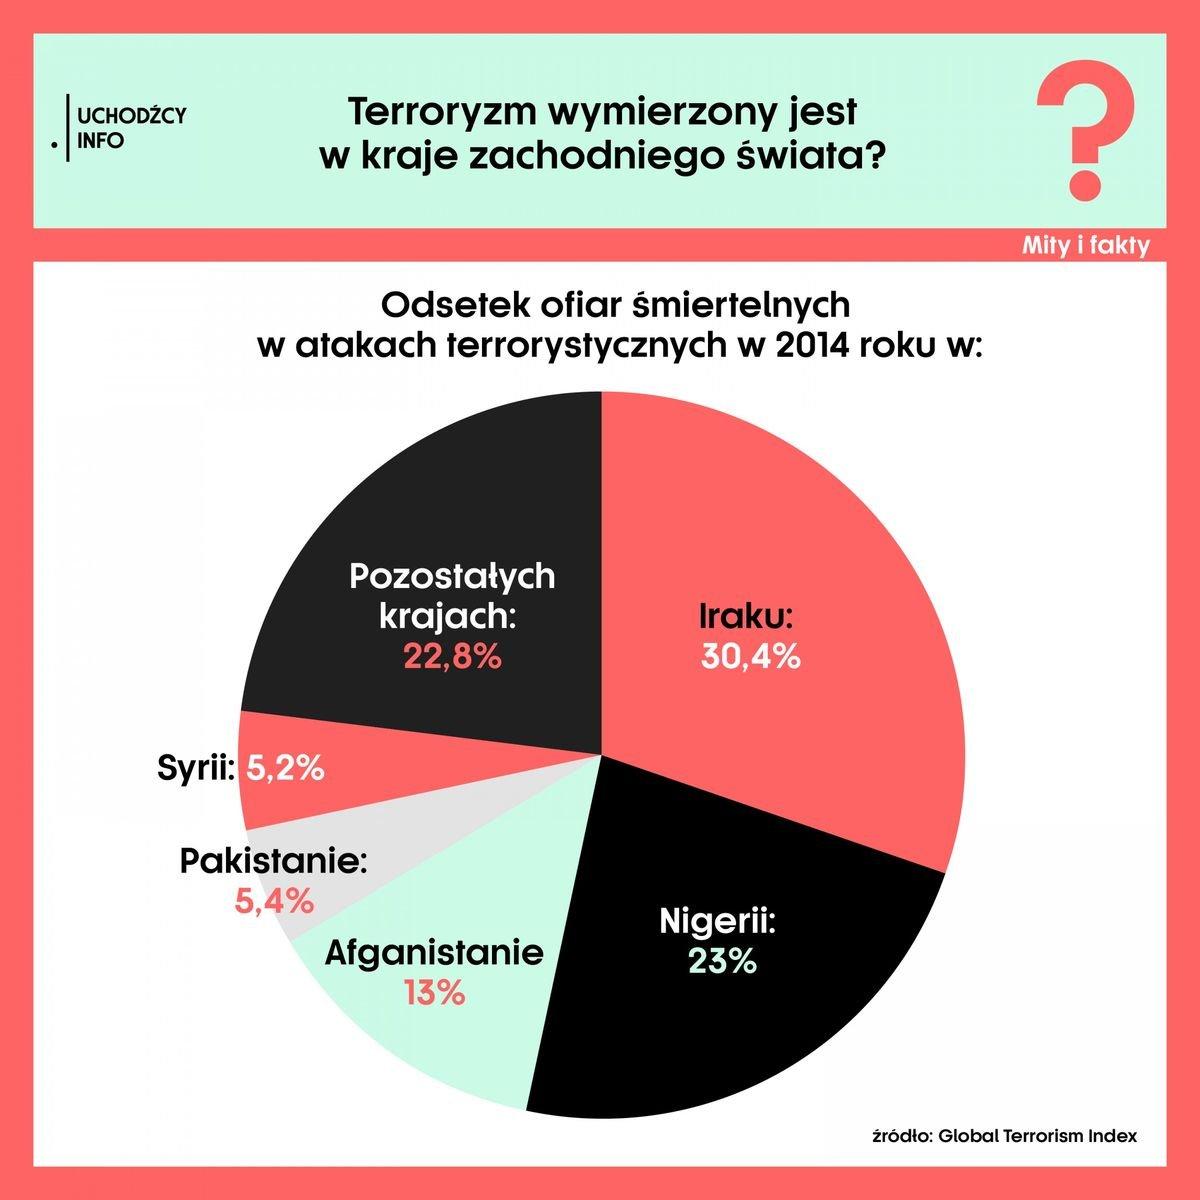 Ofiary terroryzmu w XXI wieku